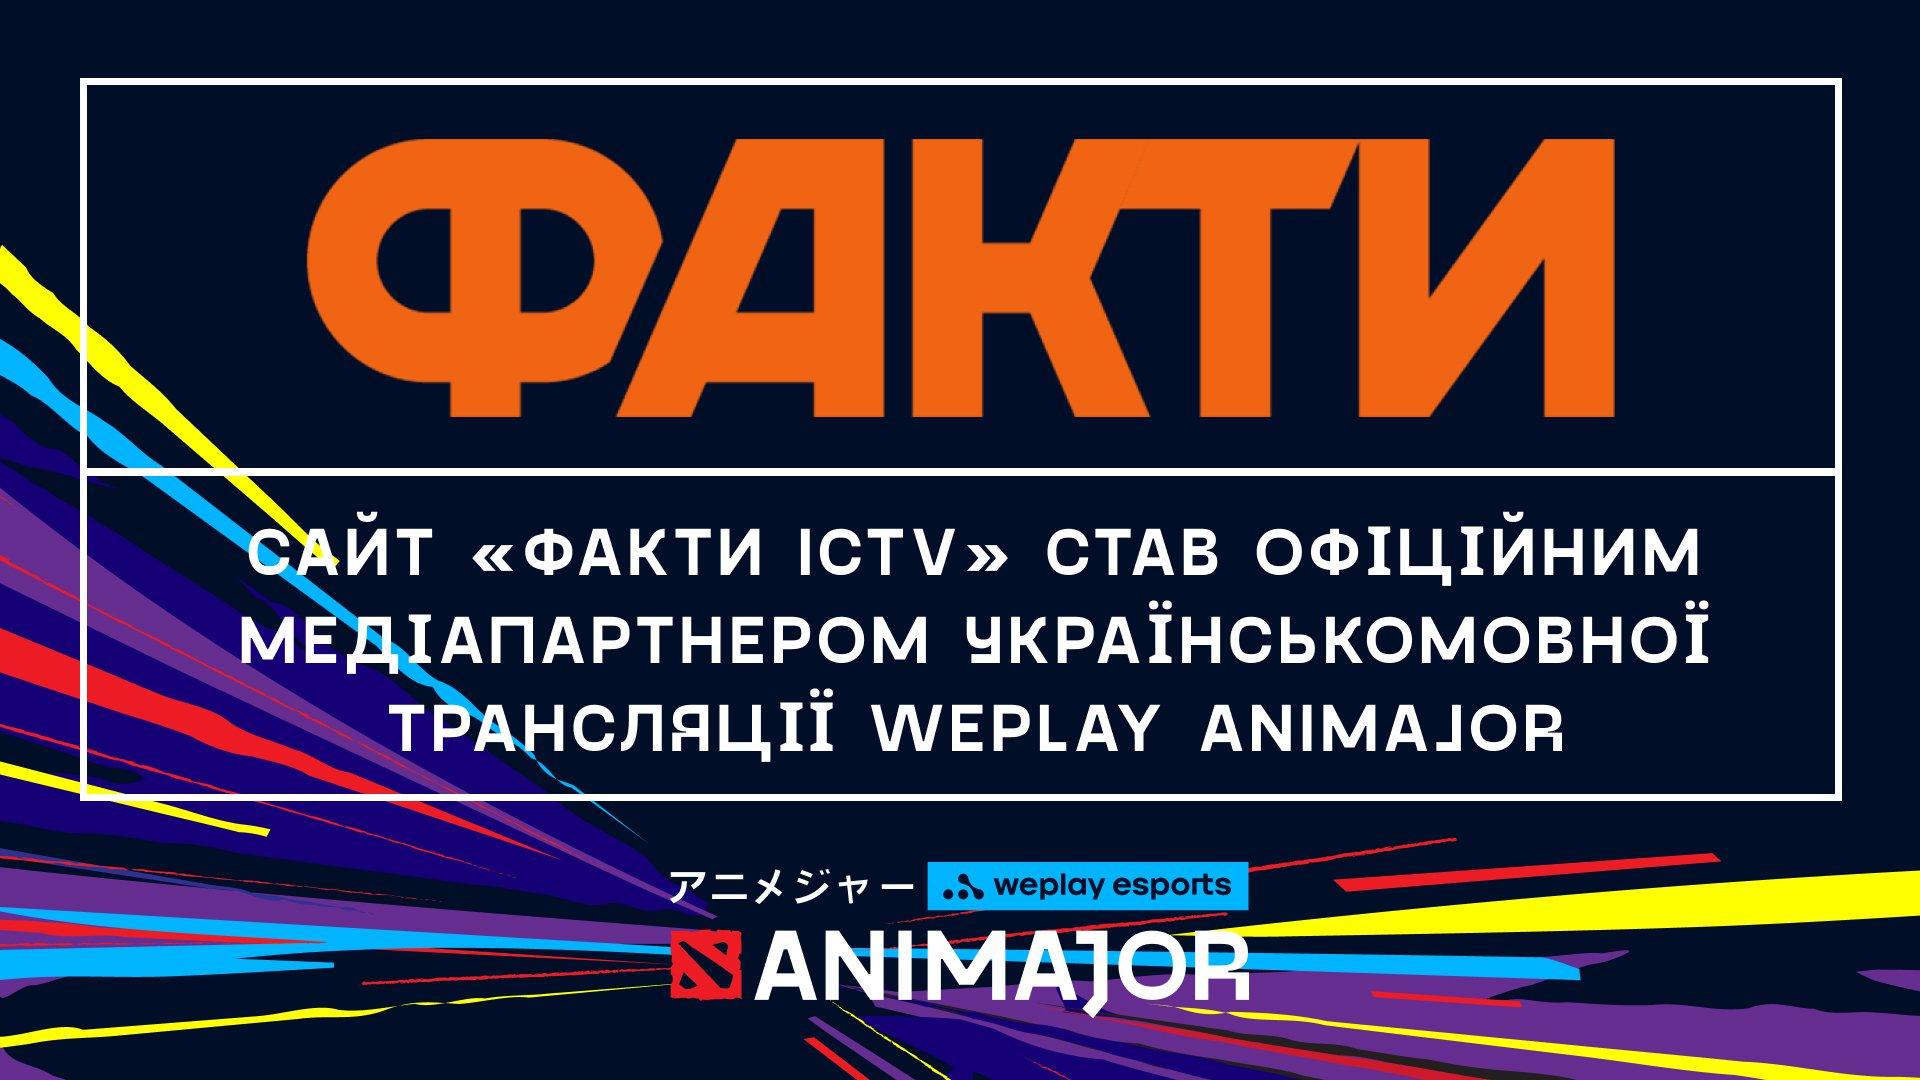 Сайт «Факти ICTV» став офіційним медіапартнером українськомовної трансляції  WePlay AniMajor. Зображення: WePlay Holding